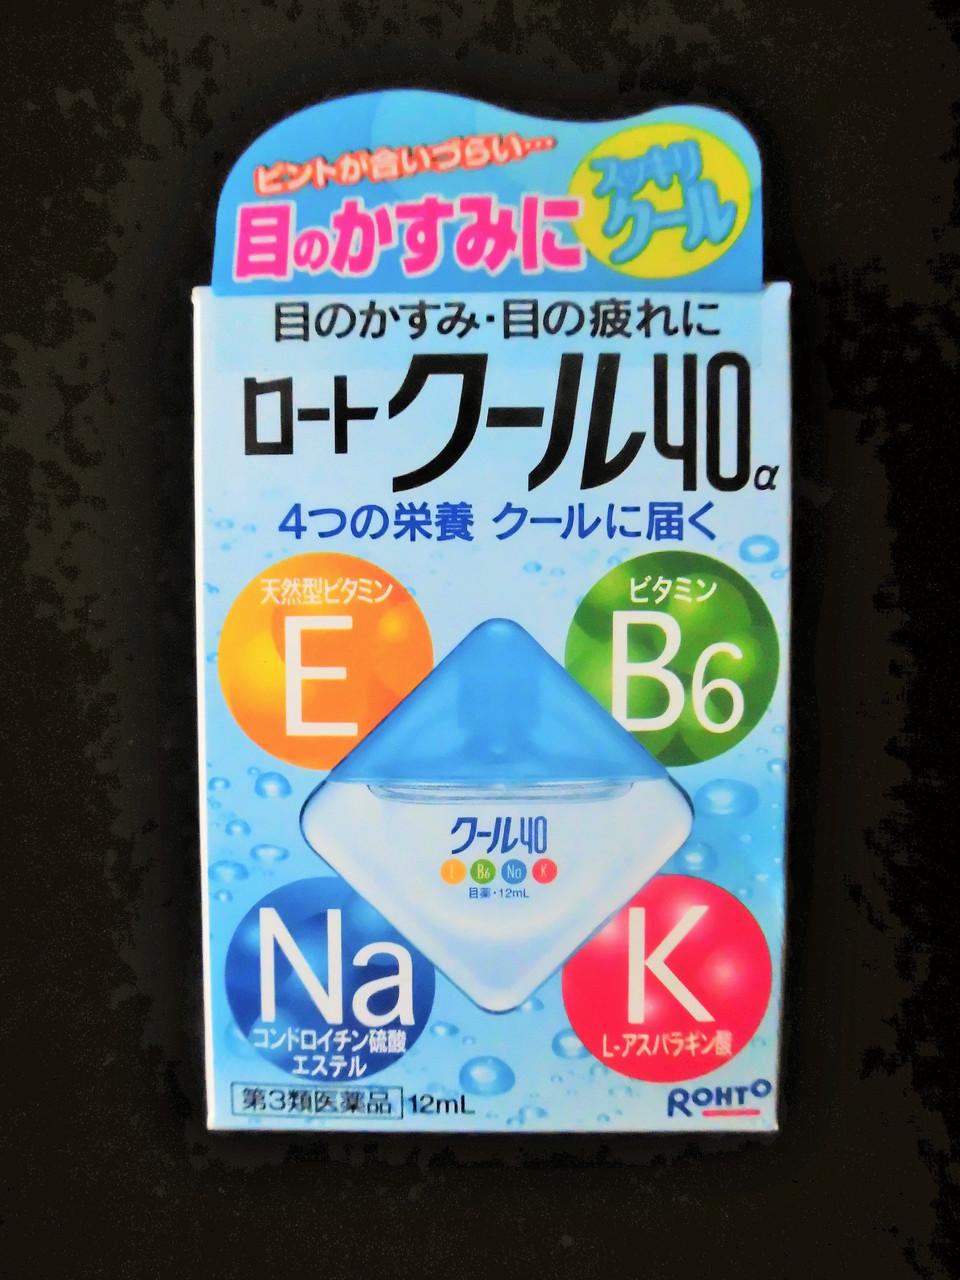 Капли для глаз Rohto Cool 40 Альфа от усталости и покраснений. 12 ml (Rohto, Япония)